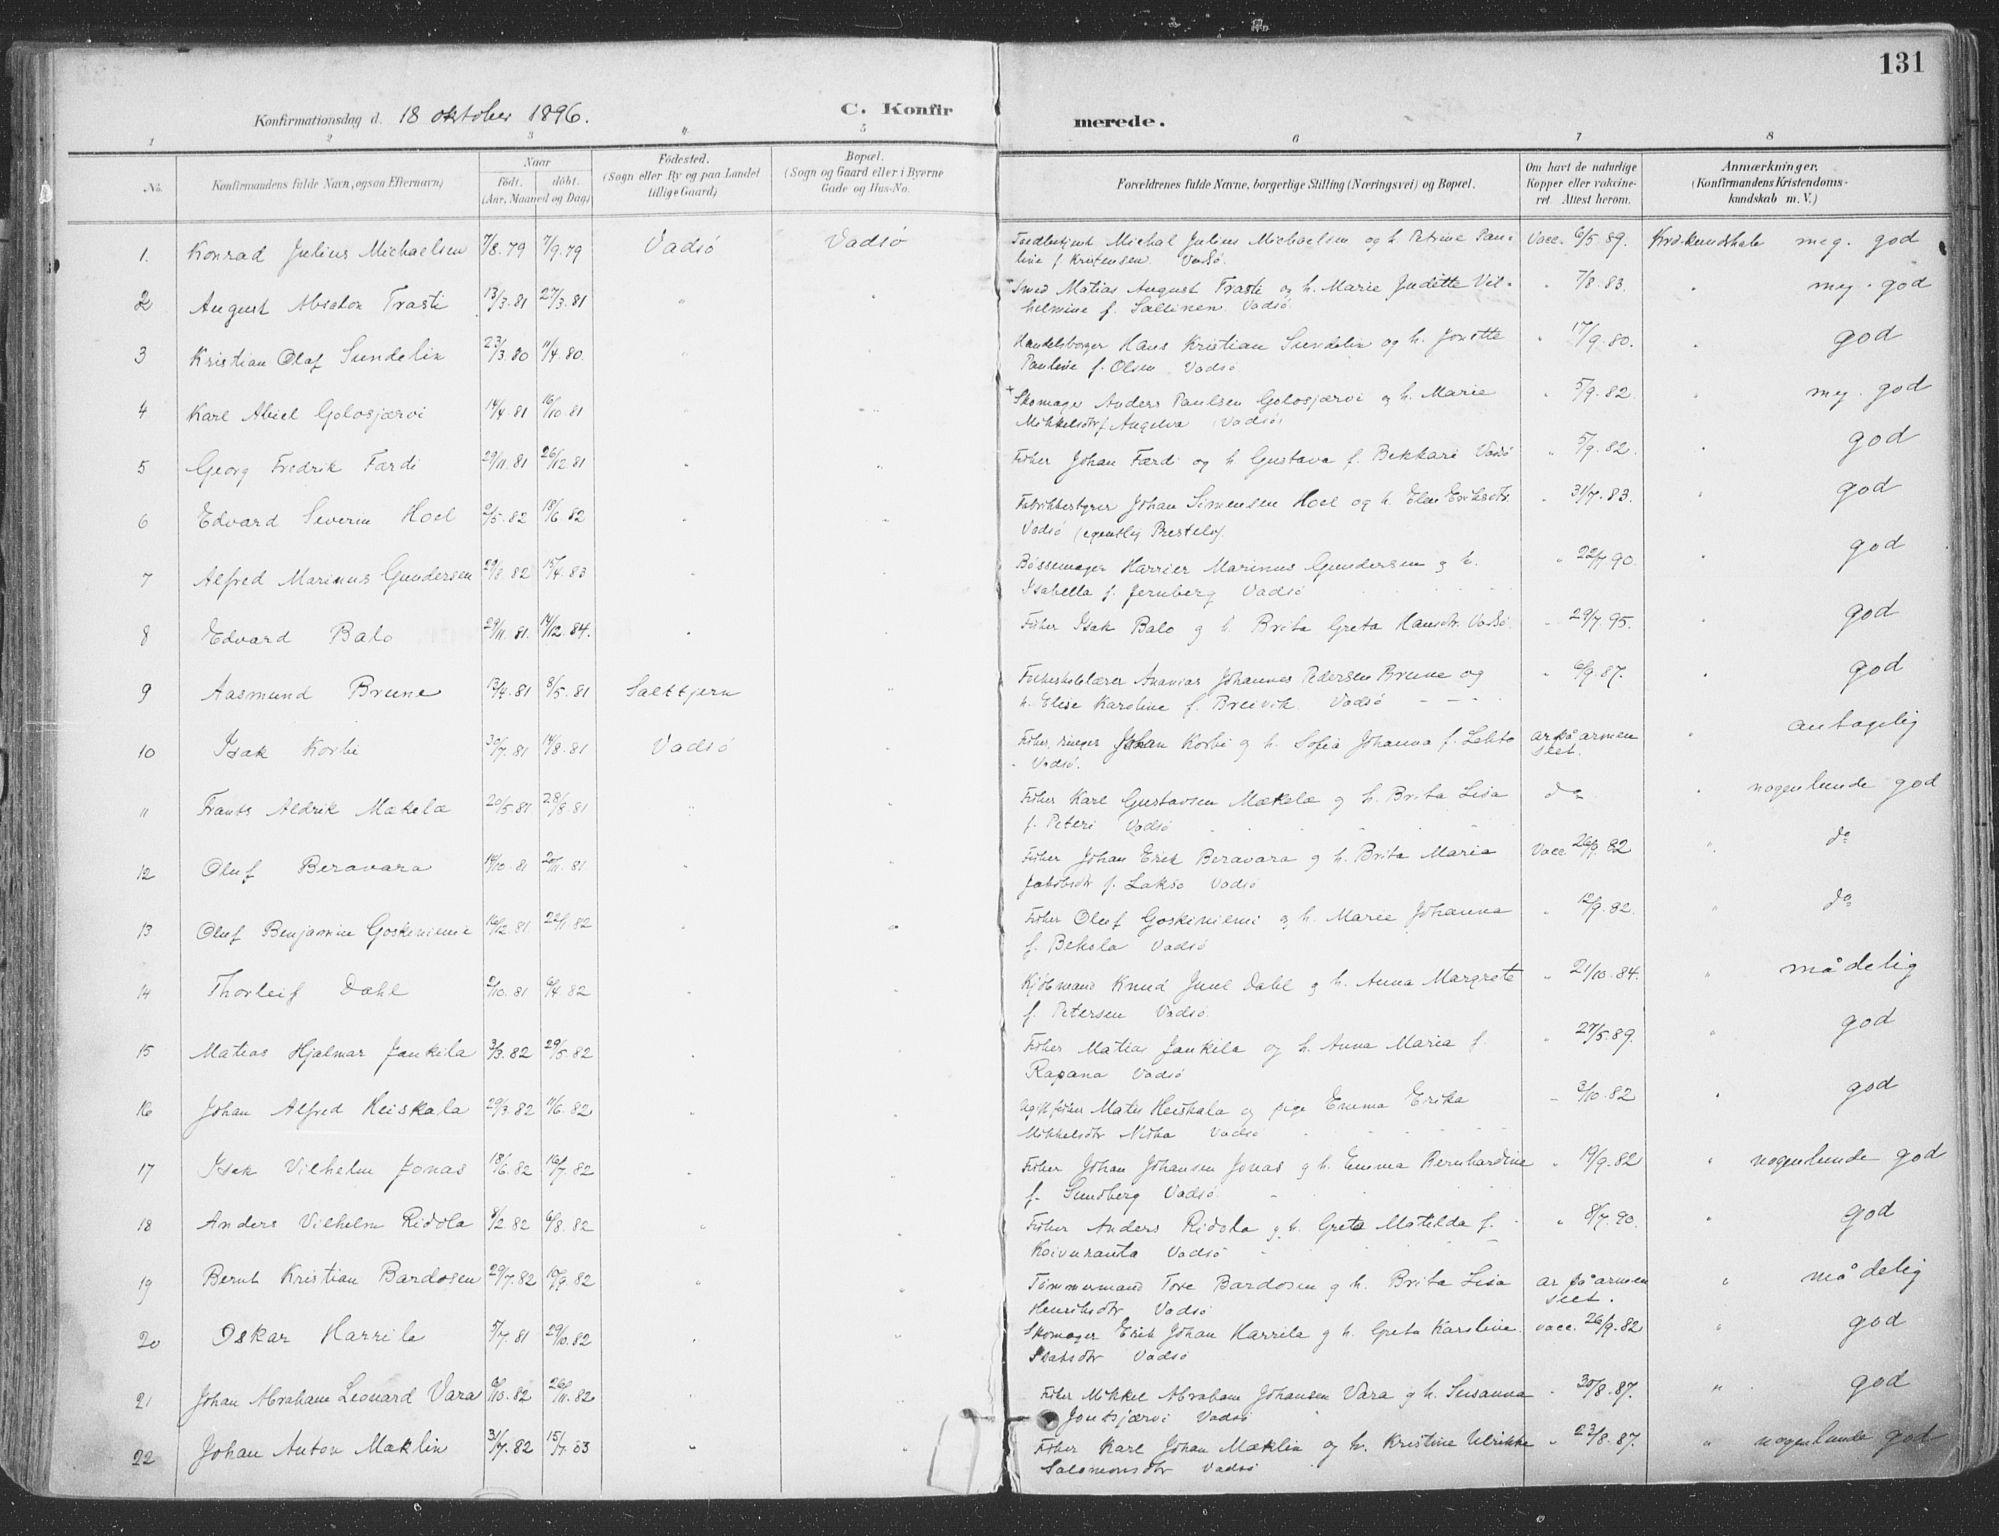 SATØ, Vadsø sokneprestkontor, H/Ha/L0007kirke: Ministerialbok nr. 7, 1896-1916, s. 131